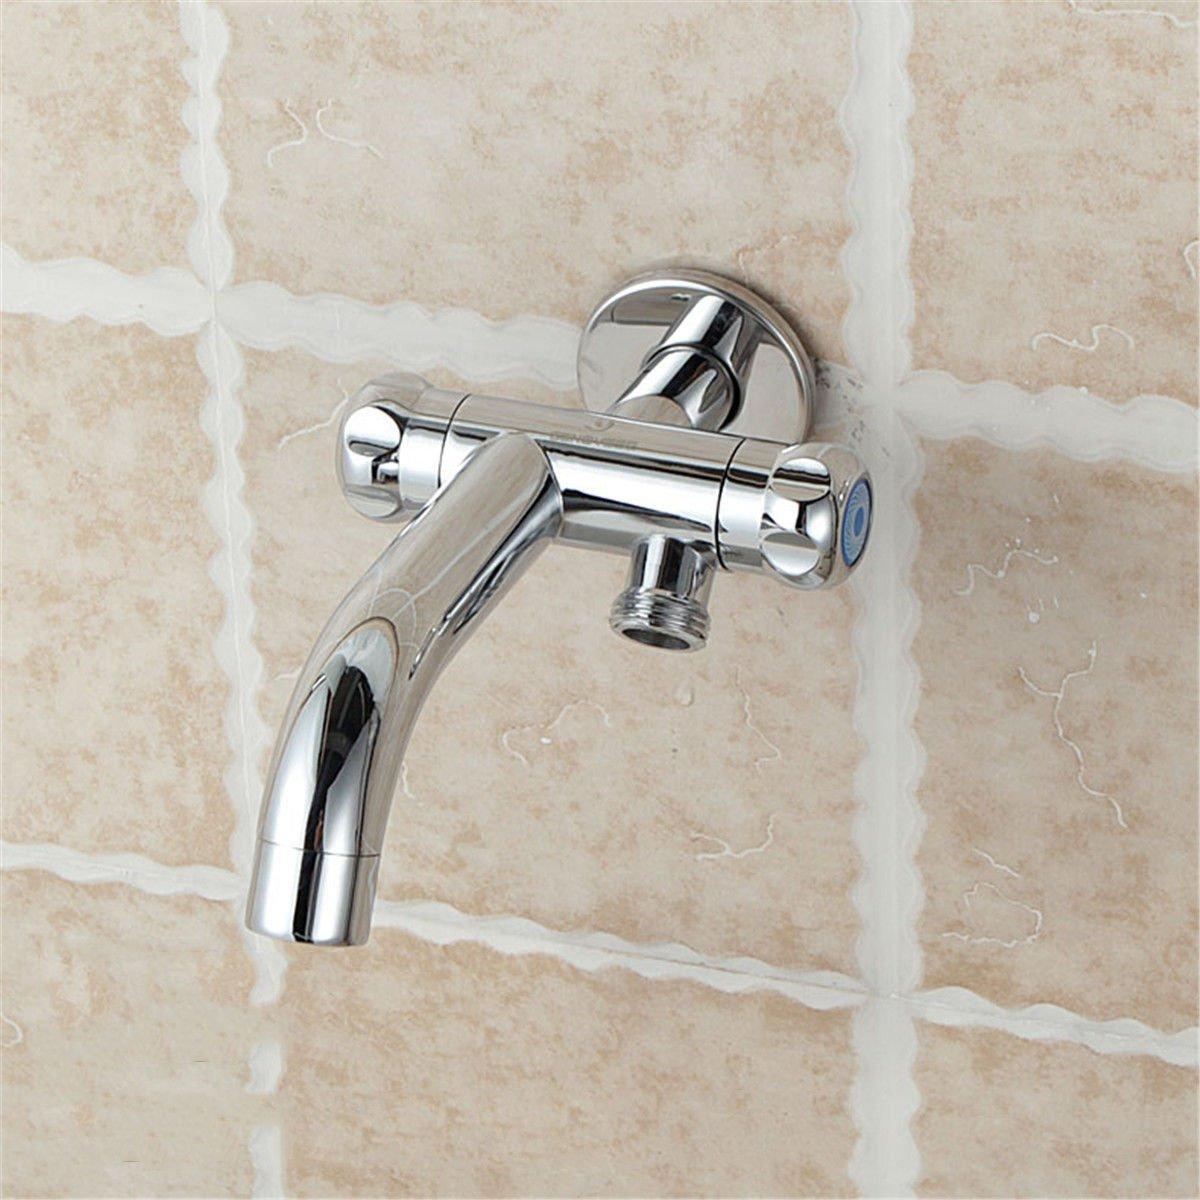 ETERNAL QUALITY Badezimmer Waschbecken Wasserhahn Messing Hahn Waschraum Mischer Mischbatterie Tippen Sie auf Dual-use-T-Stück mops Pool Hahn verfügt über Zwei Single he